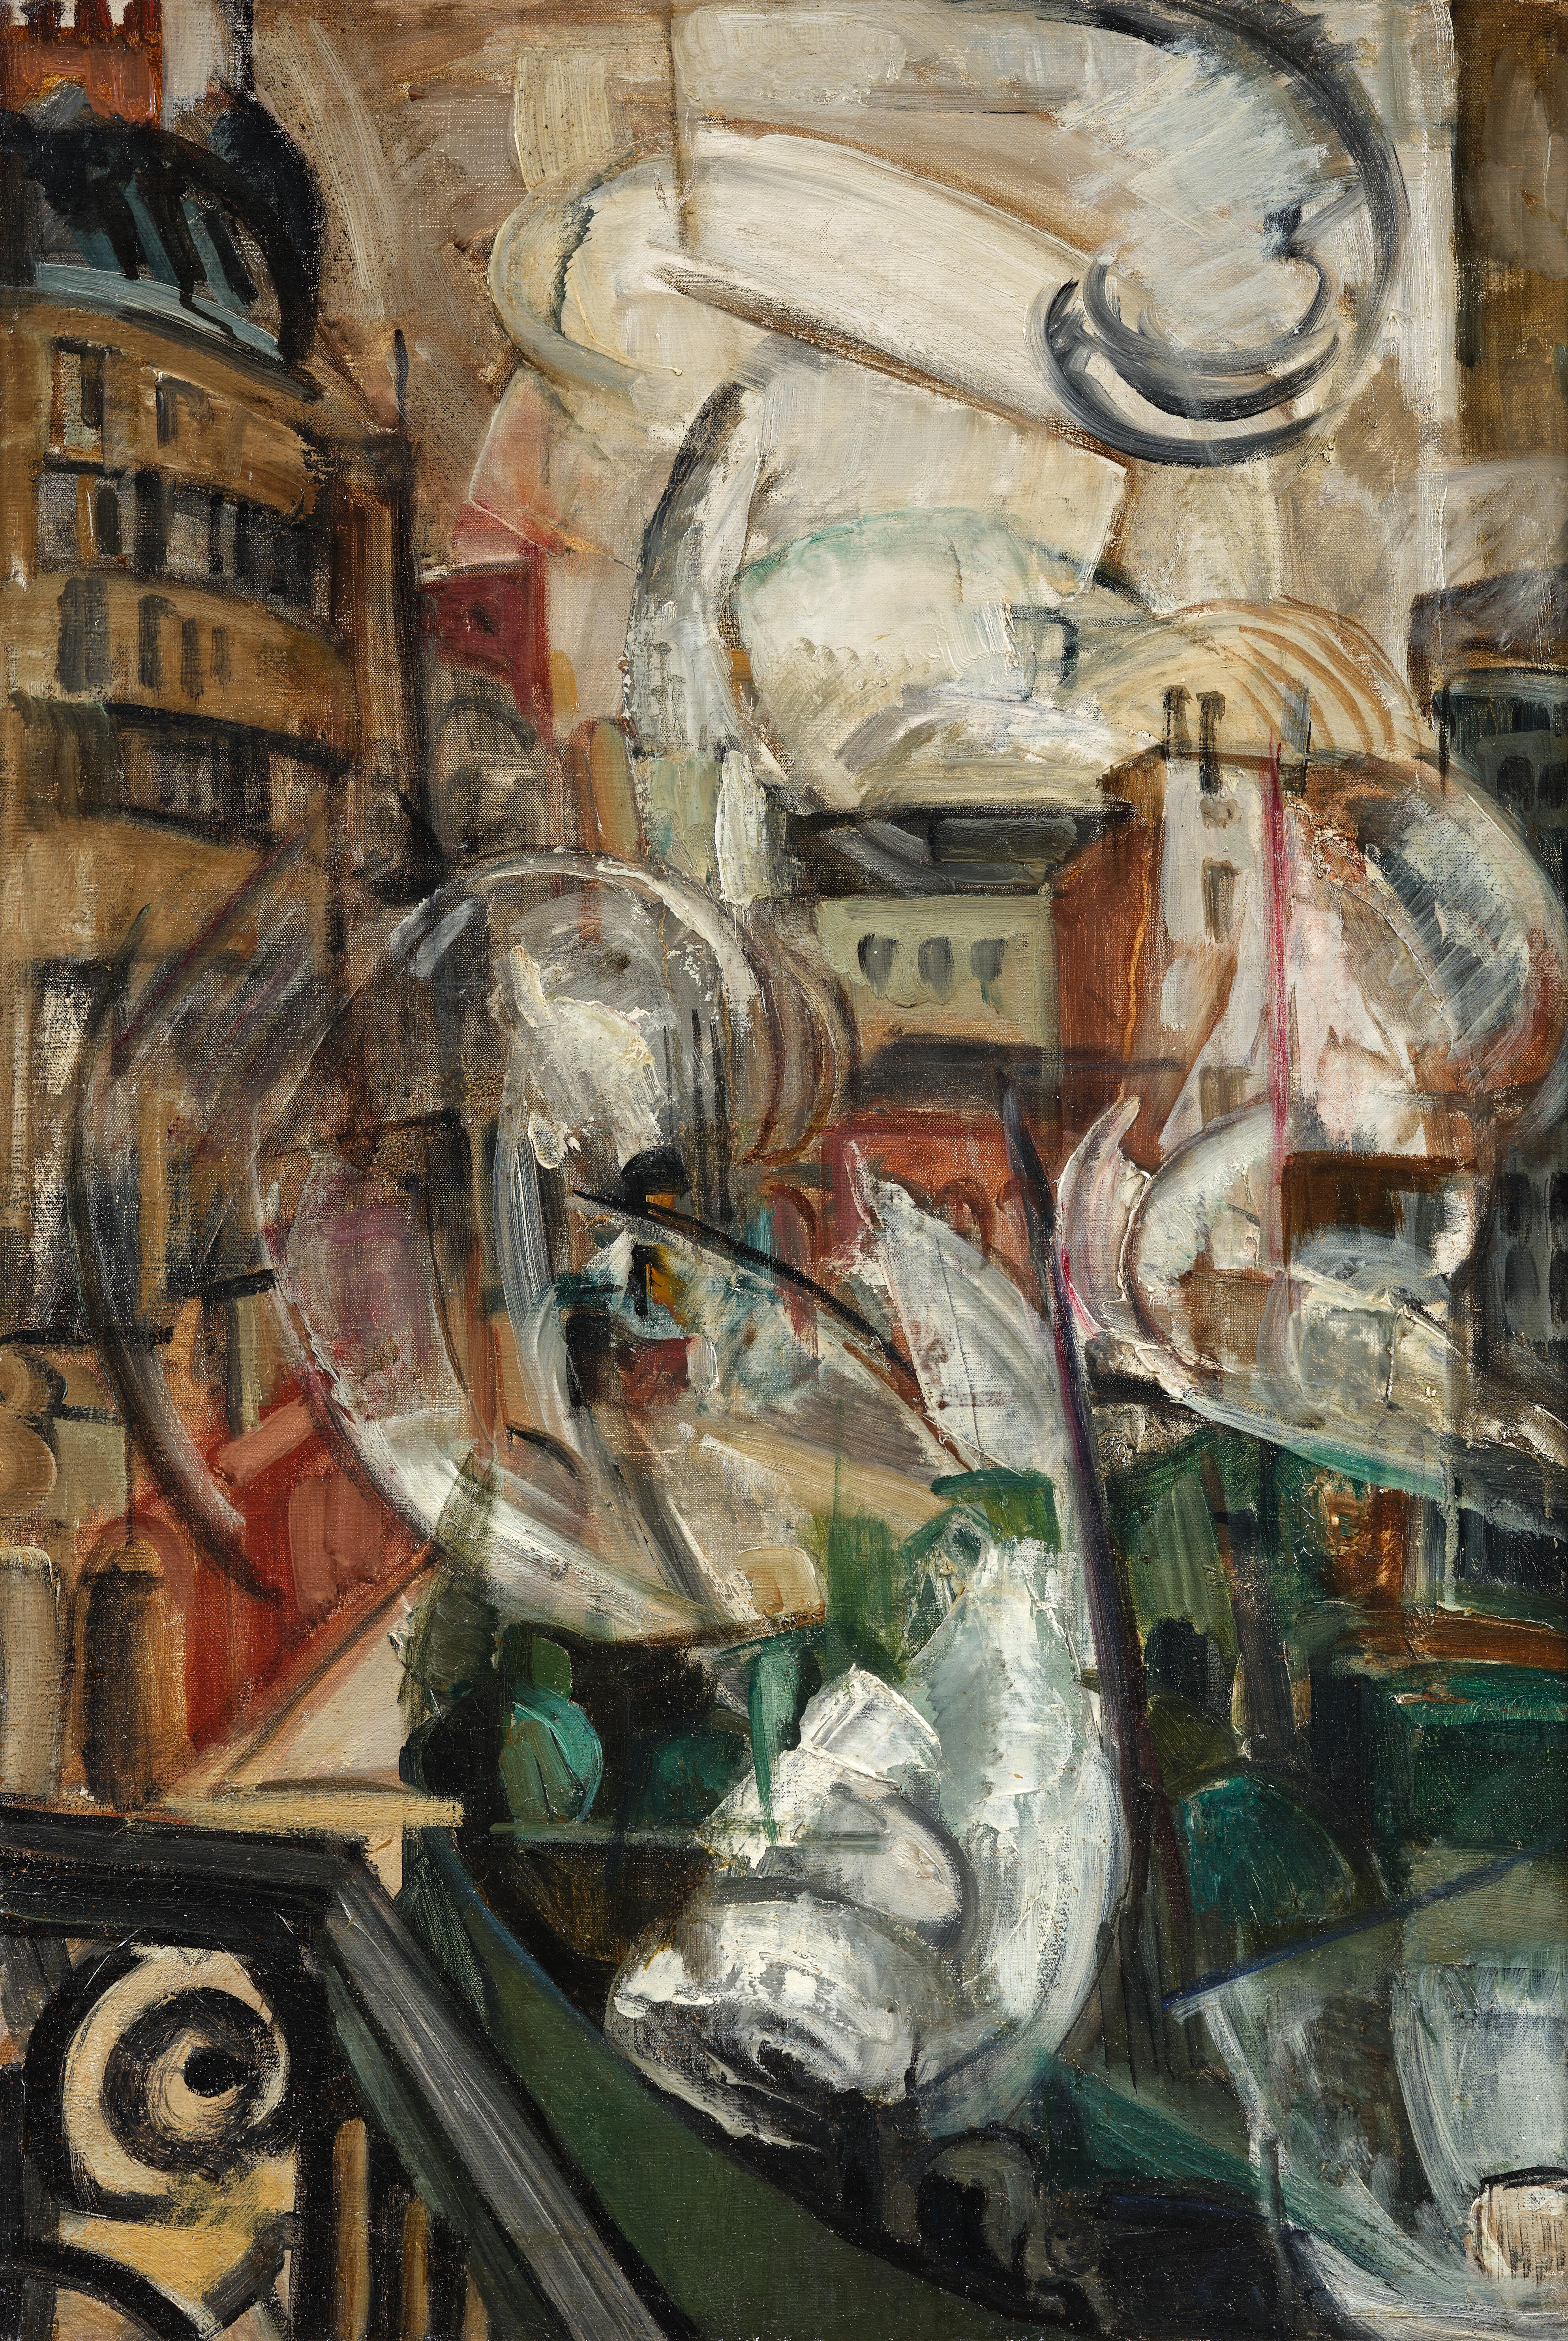 L'agitation de Paris - tableau de André Favory, vendu par la galerie Marek & Sons